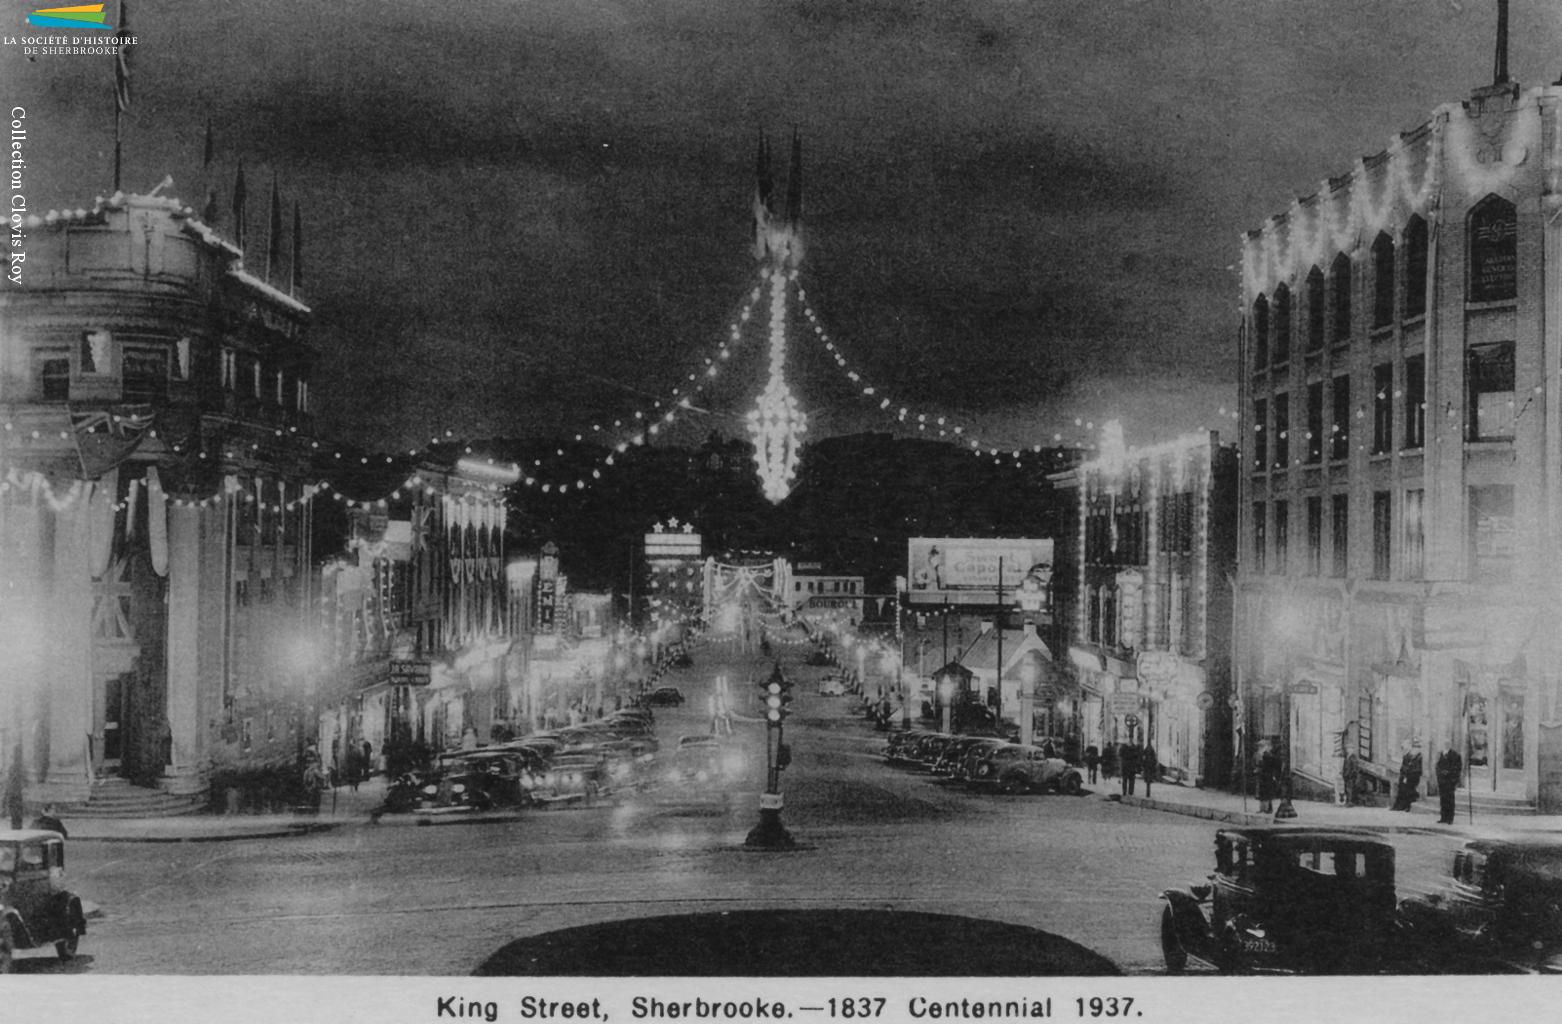 Des photos du centre-ville de Sherbrooke, tout éclairé à l'occasion du « centenaire » de 1937. Les autorités municipales cherchent à stimuler le tourisme et la venue d'industries, entre autres en vantant ses ressources hydroélectriques, et montent de toutes pièces des célébrations du centenaire même si l'année 1937 ne marque le centième anniversaire de rien de significatif...